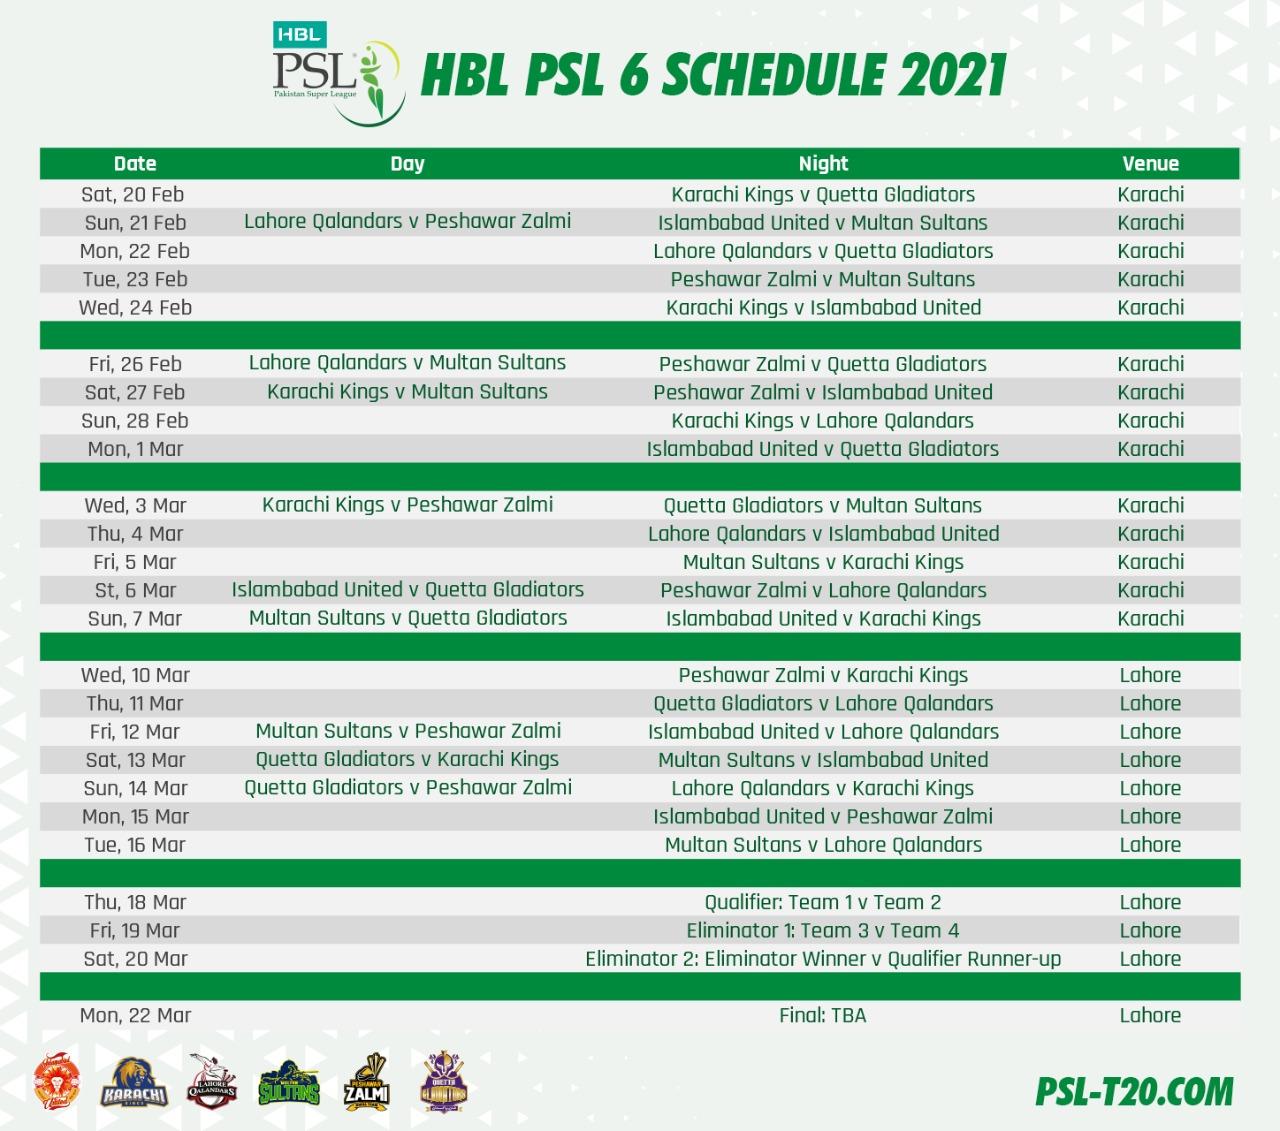 HBL PSL 6 Schedule 2021 Announced